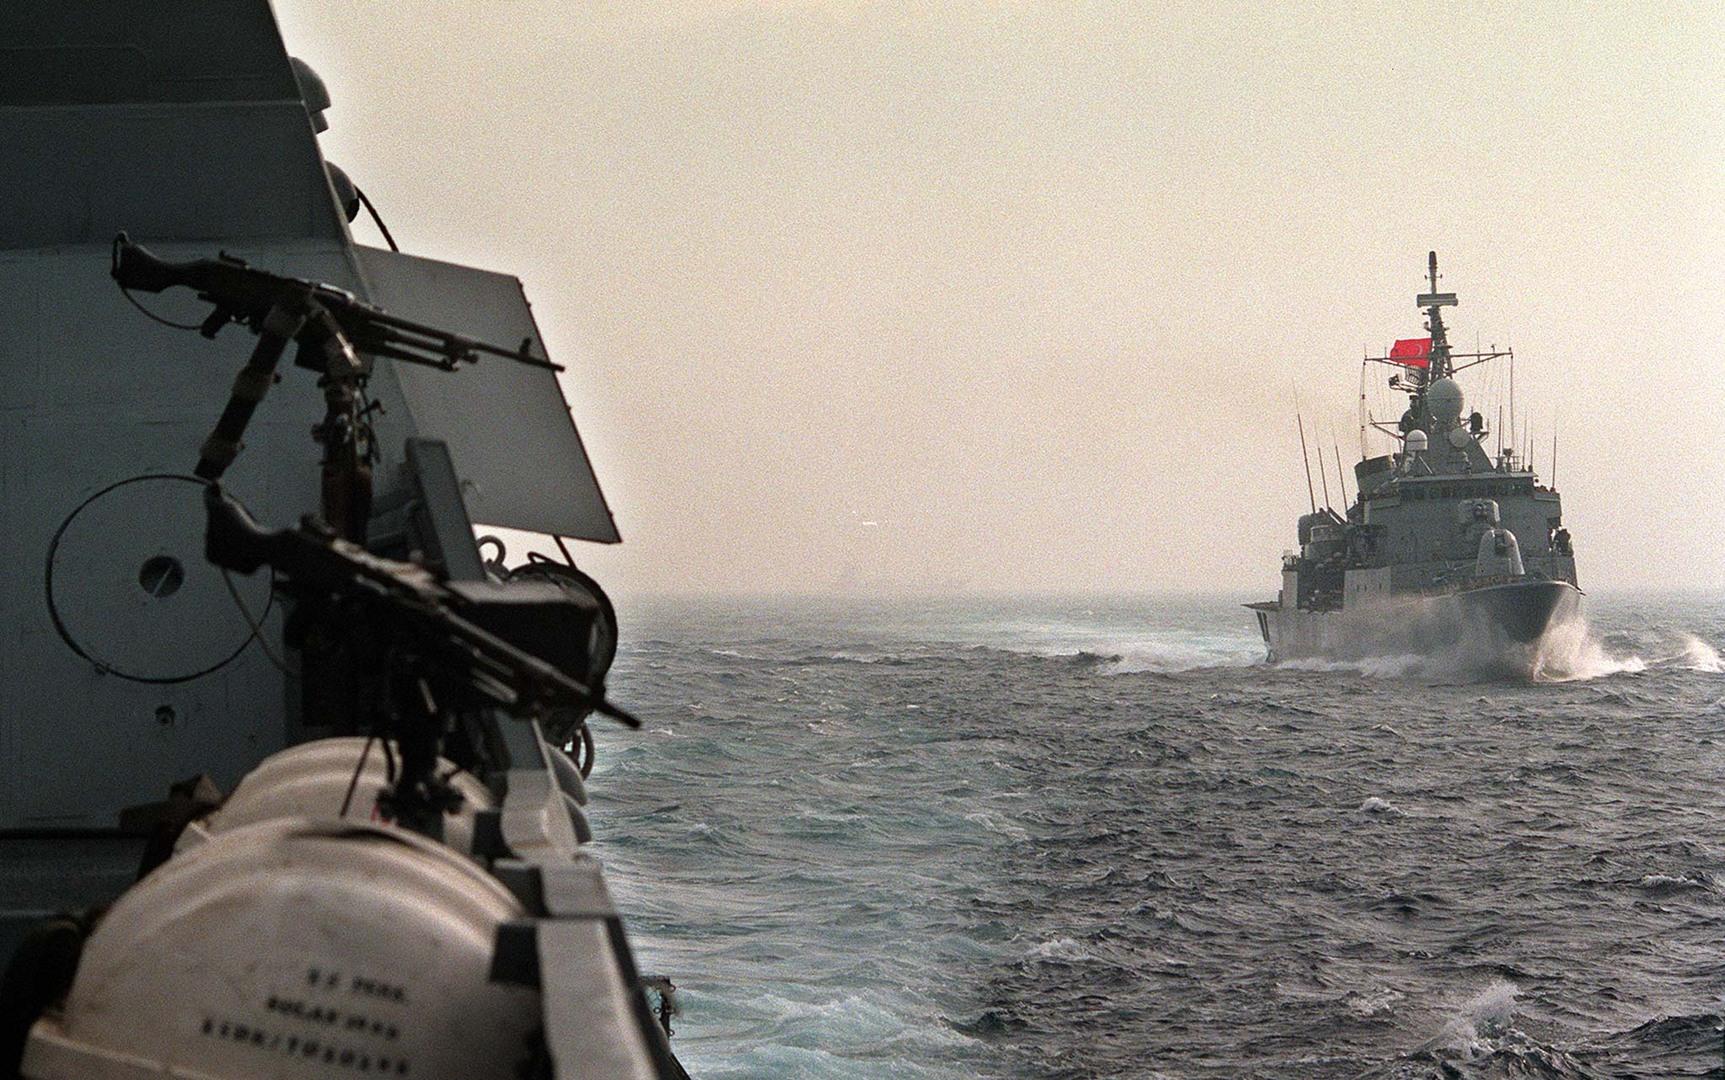 تركيا تعلن نجاج تجربة إطلاق صاروخ كروز محلي الصنع من سفينة حربية (صور)